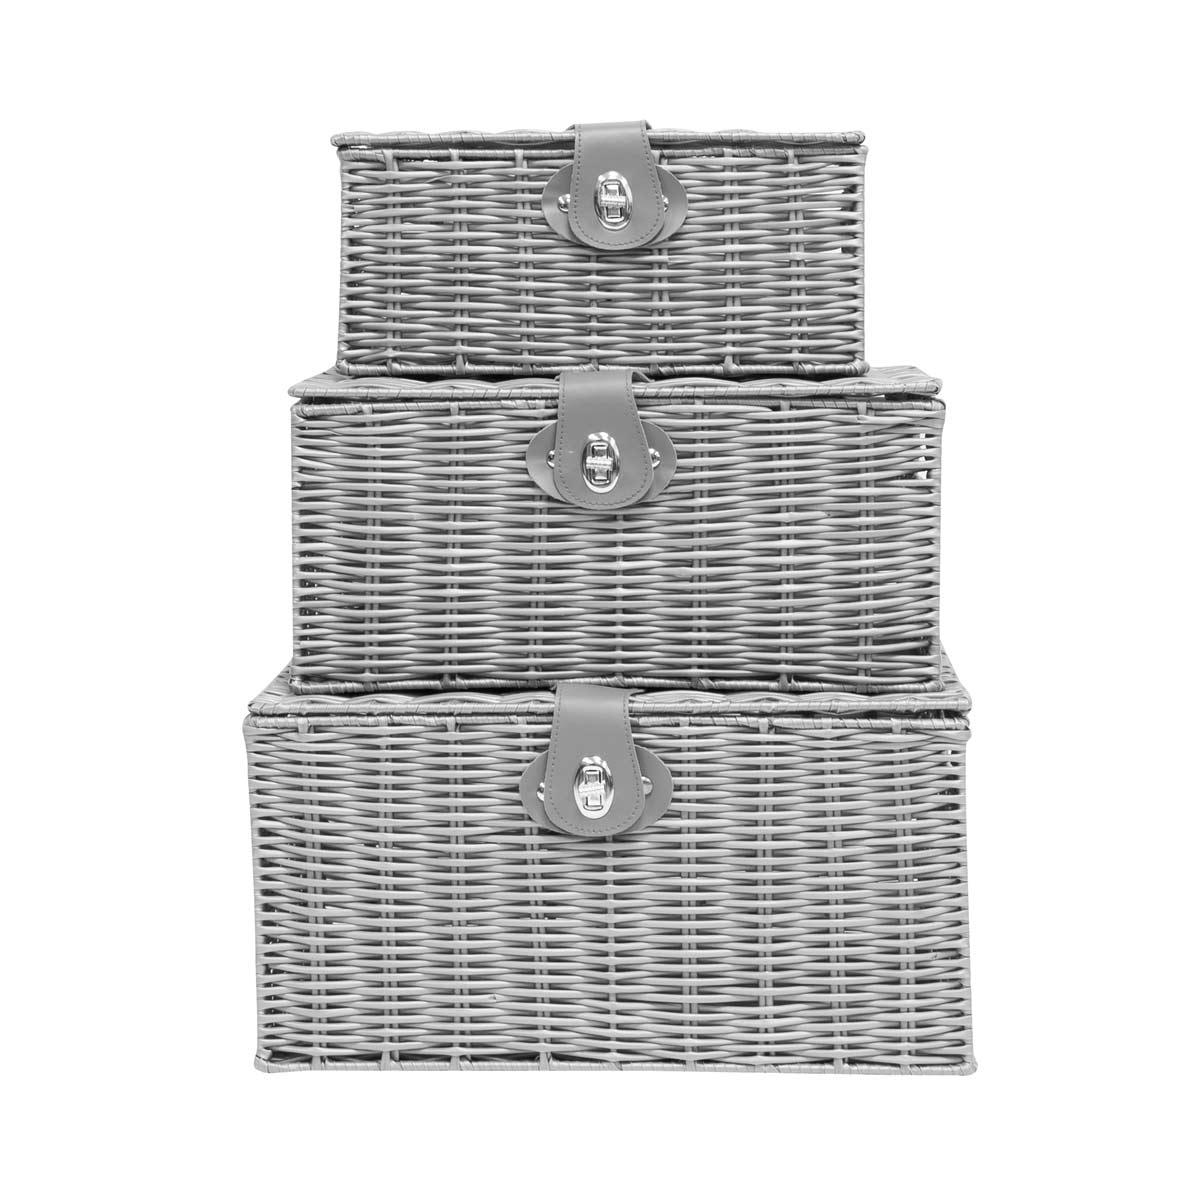 Anika Set of 3 Wicker Storage Box - Grey